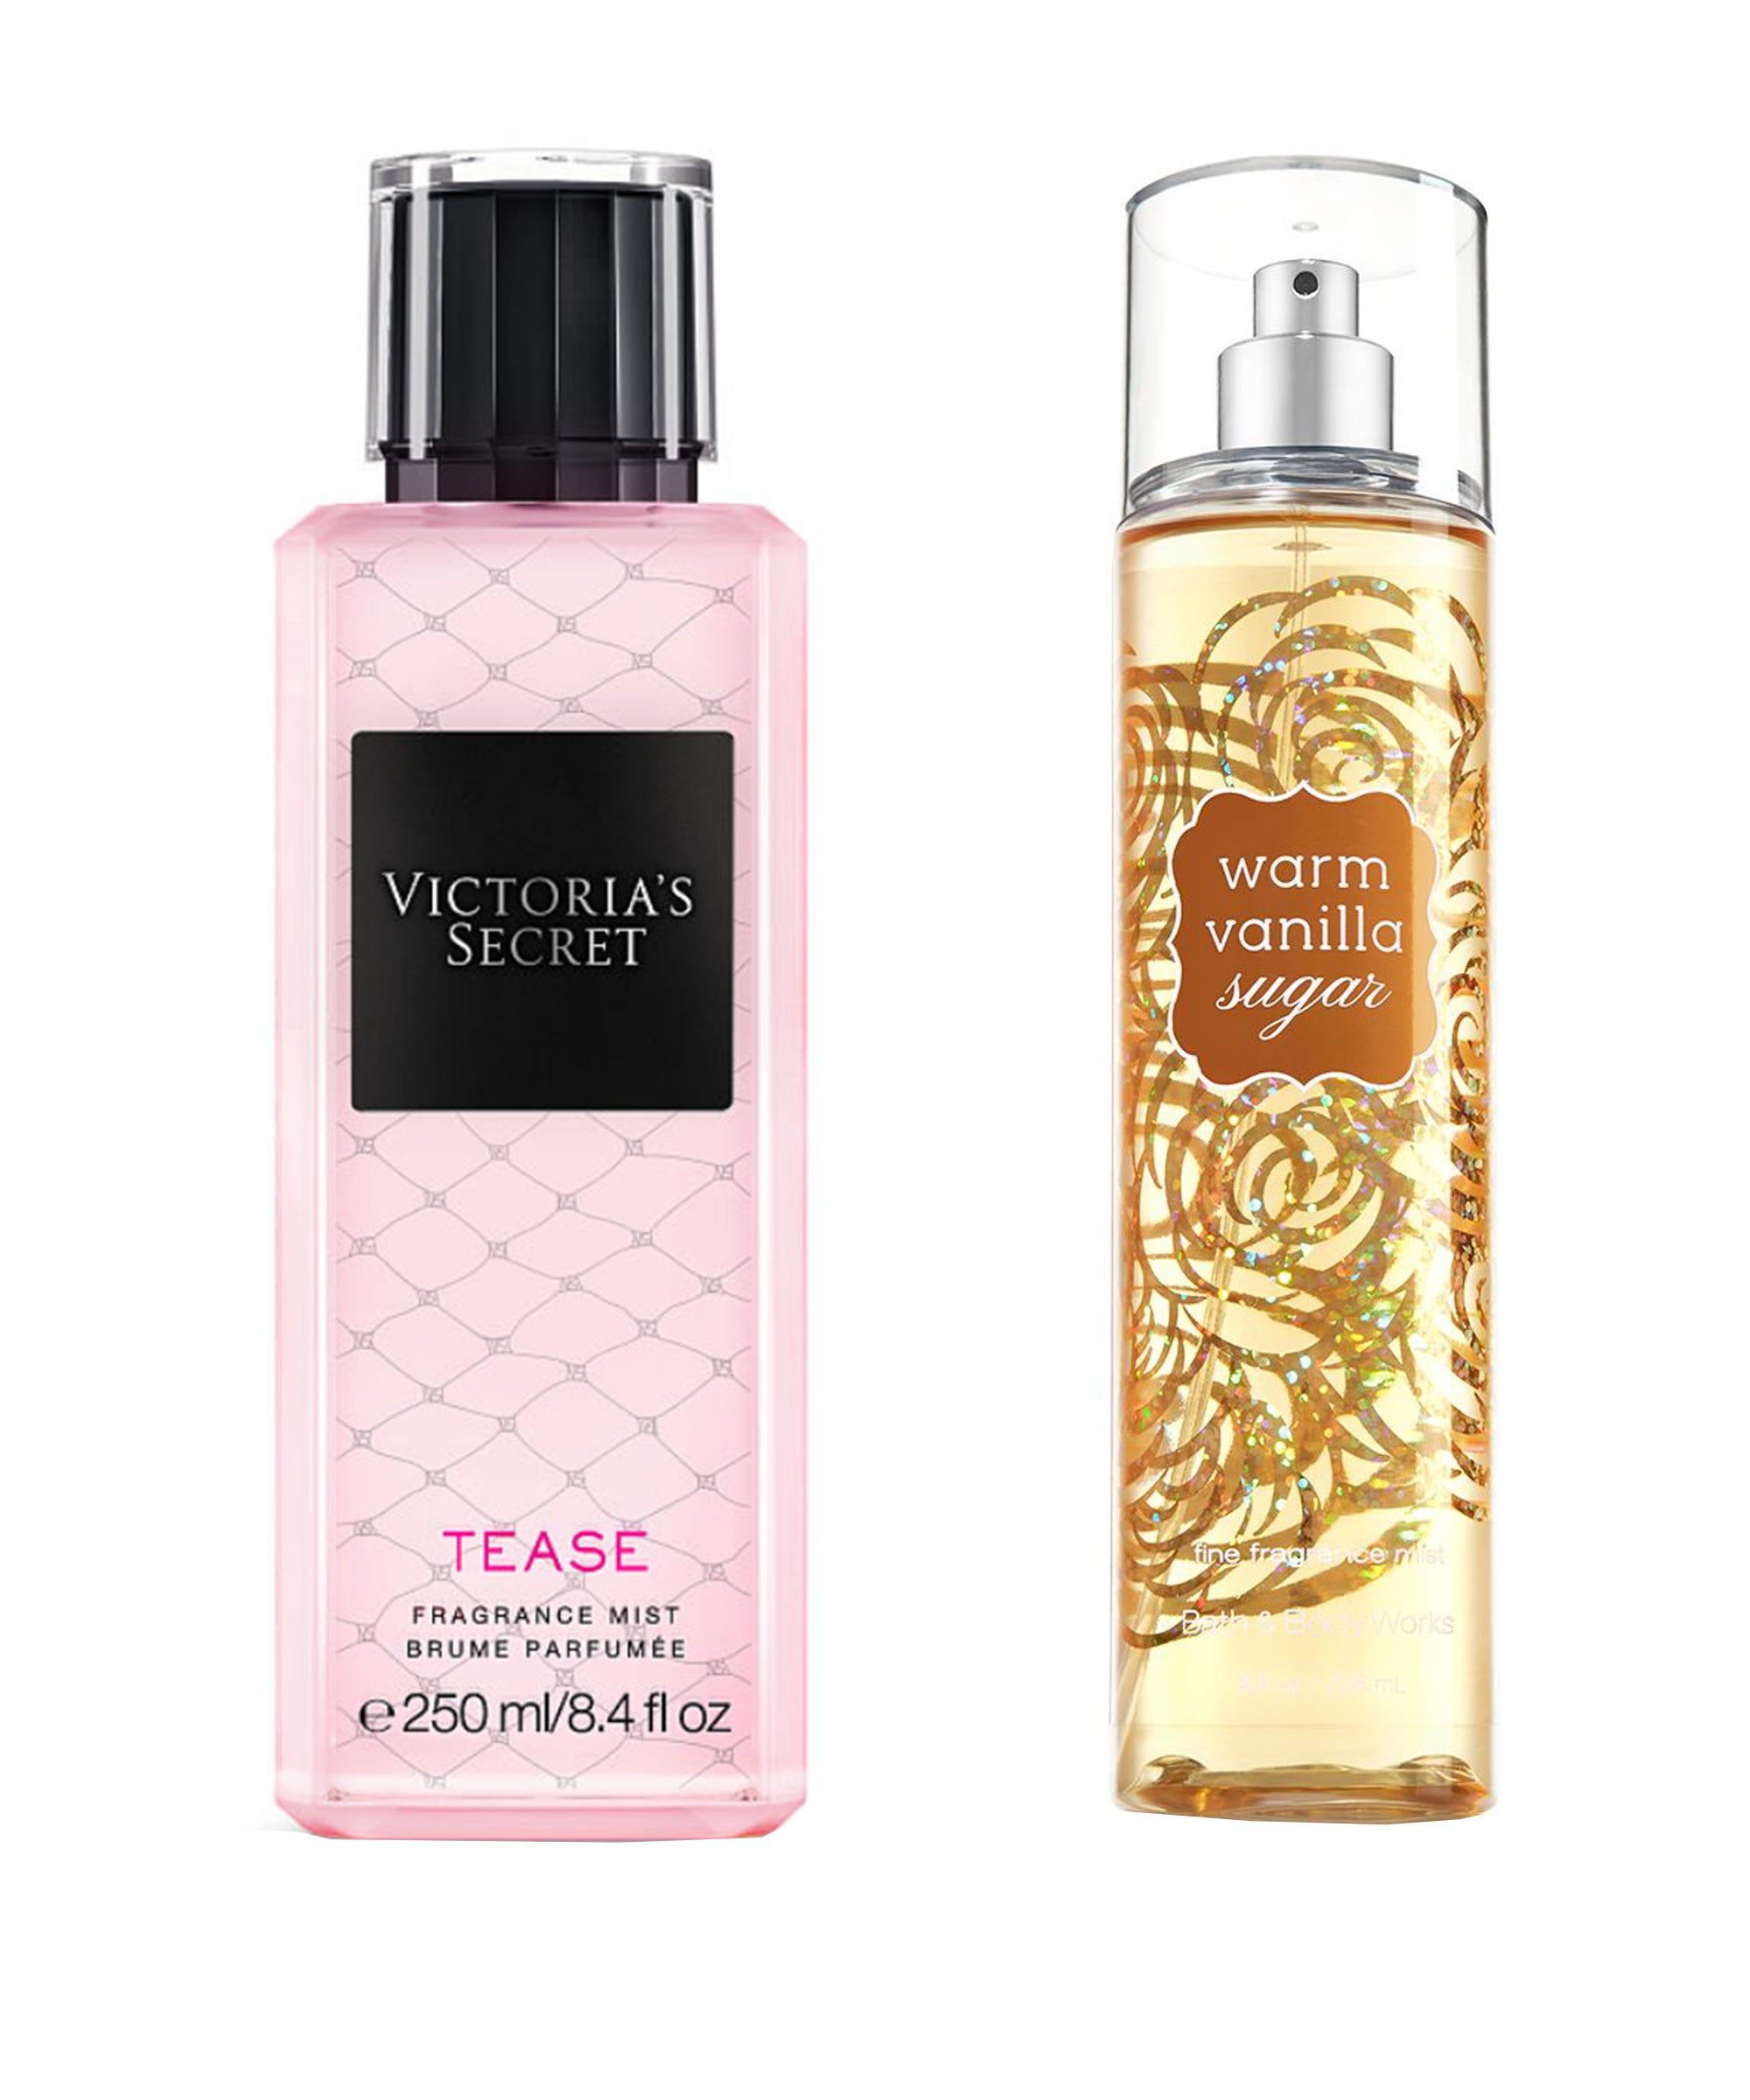 Stripper Sexy Perfume - Victoria Secret, YSL